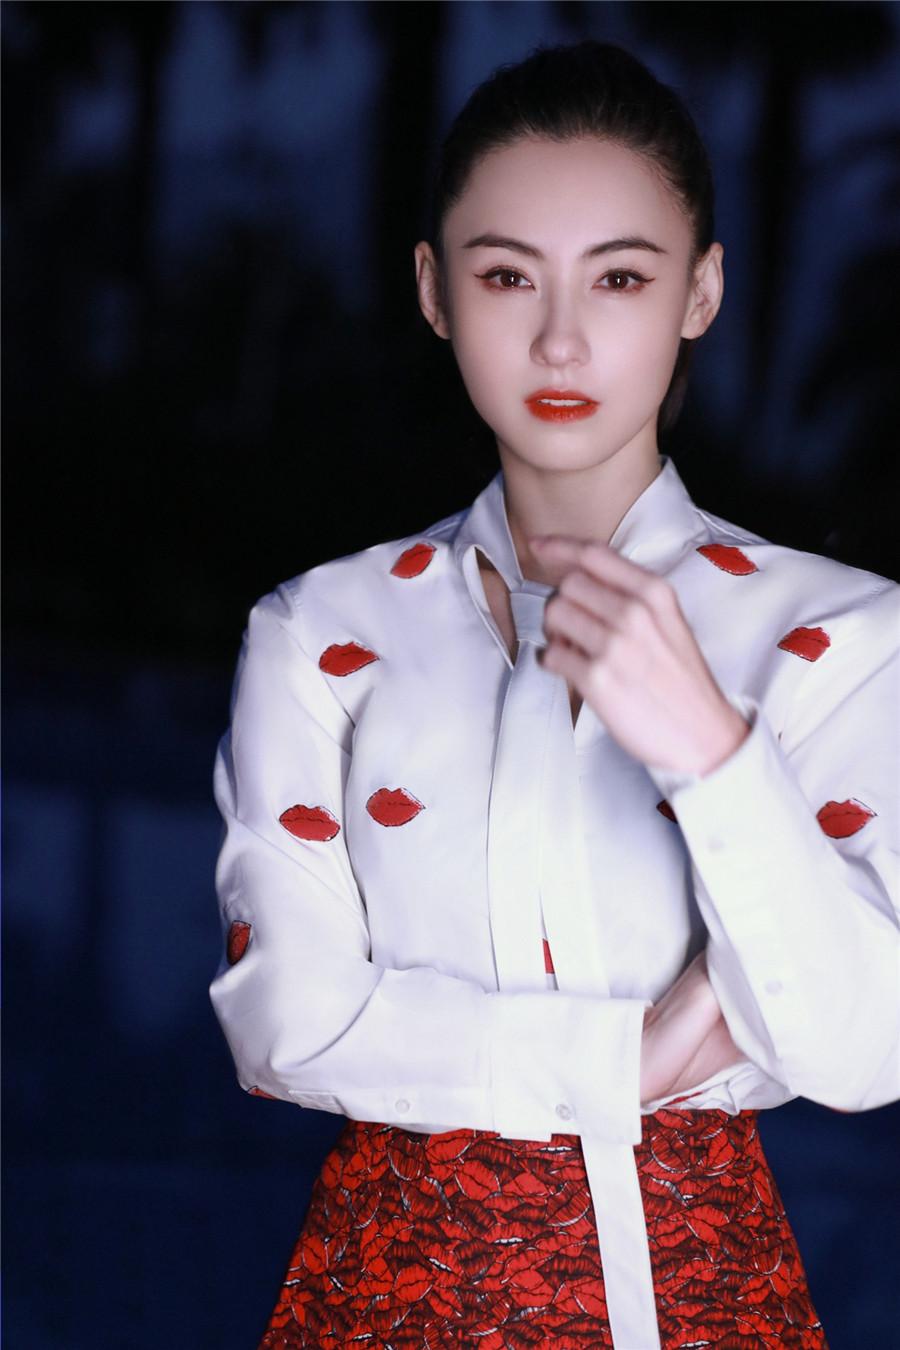 张柏芝红色大衣优雅喜庆贺新年